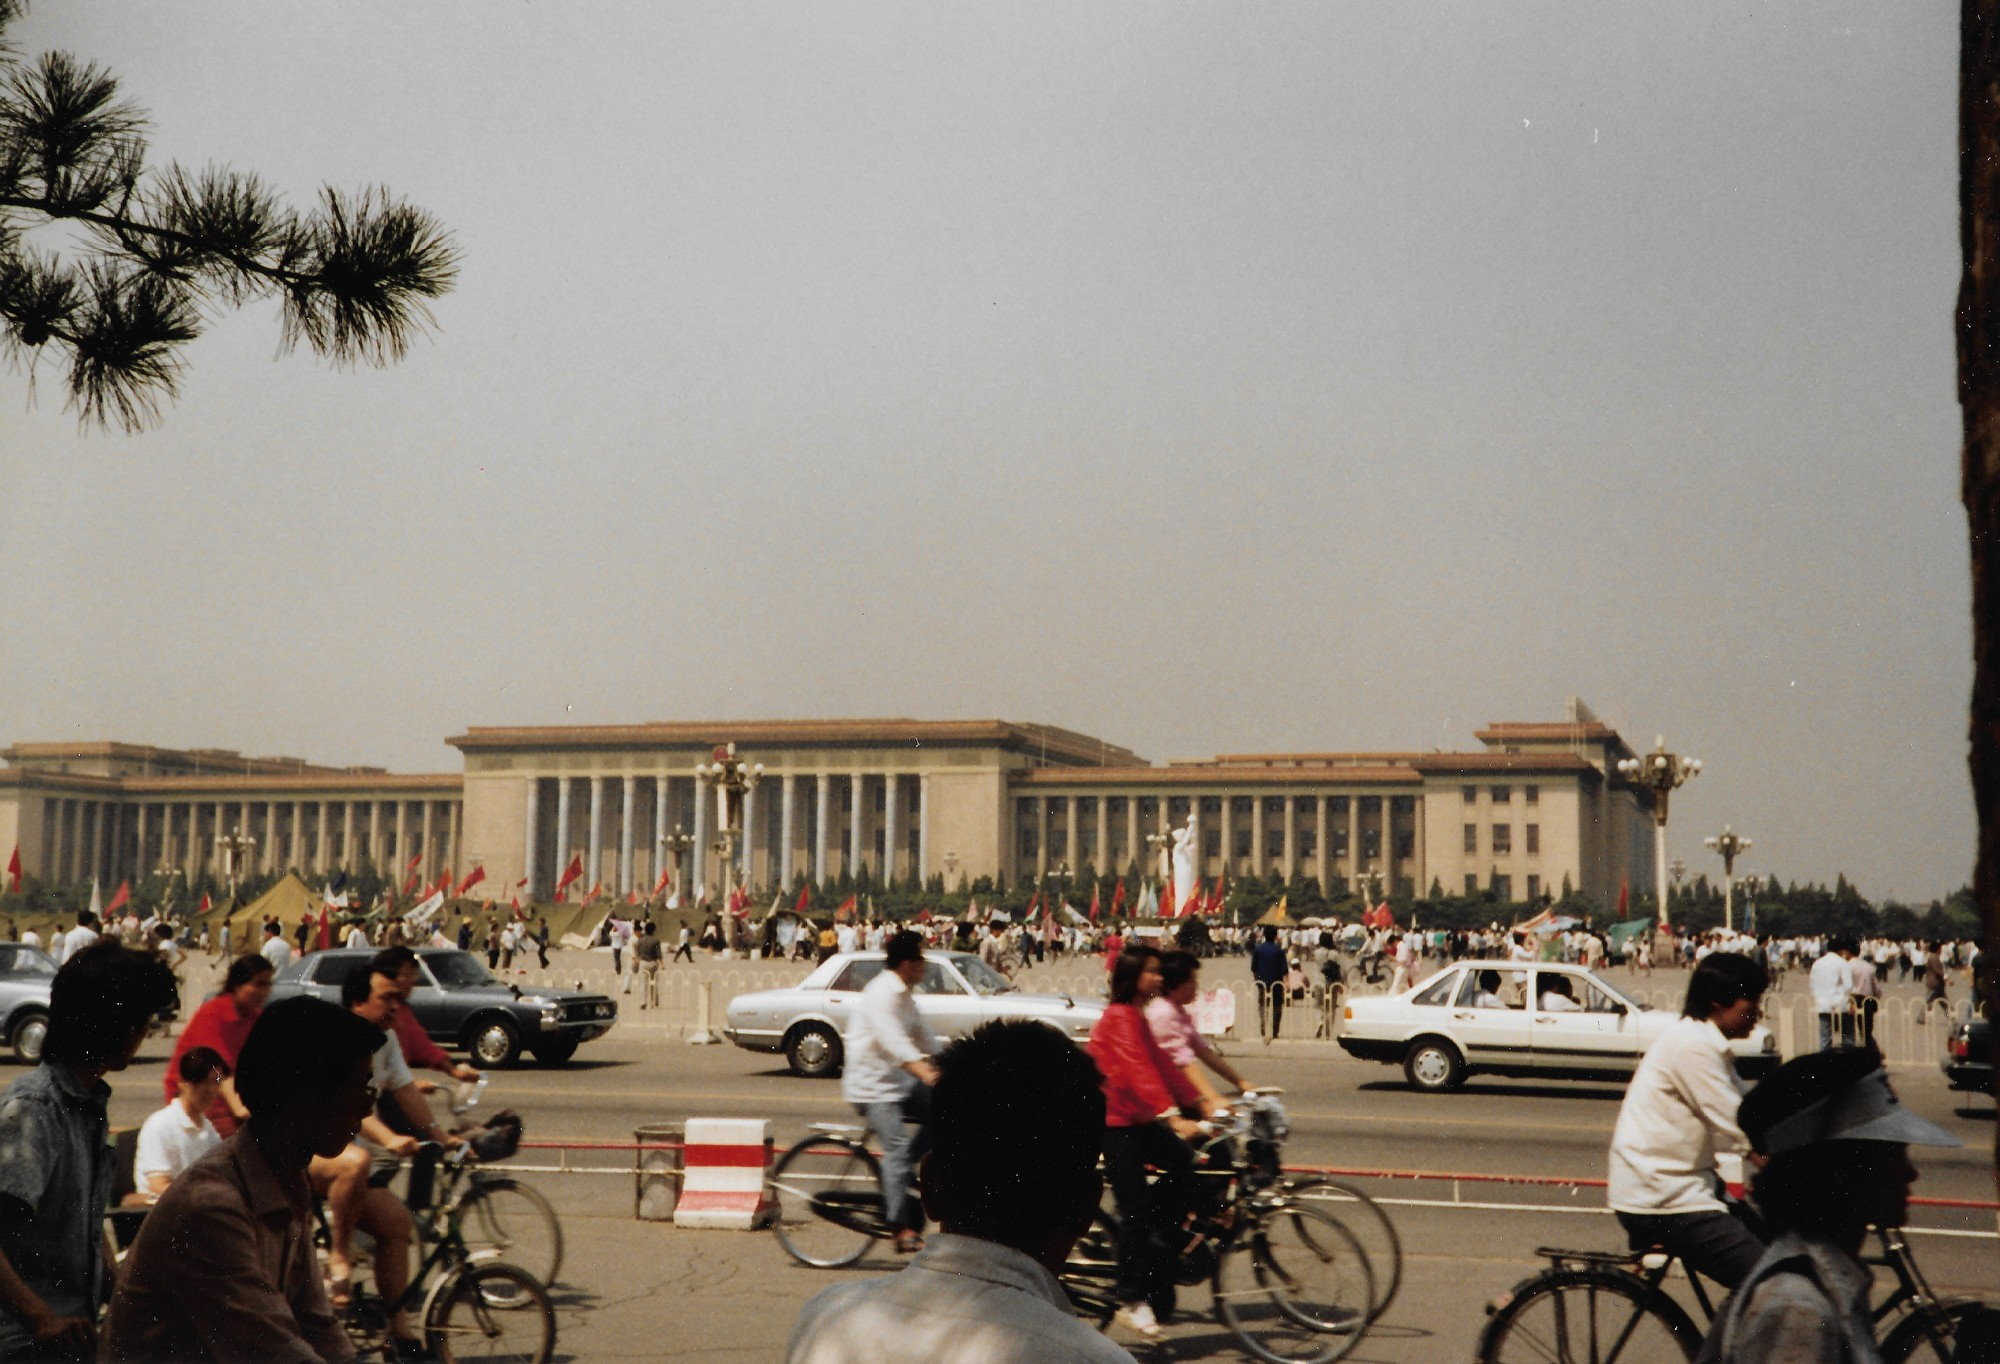 1989年6月3日,天安門廣場紀念碑下,仍有人在絕食。紀念碑上的標語寫著「召開人大 推進民主」等。(王珍提供)